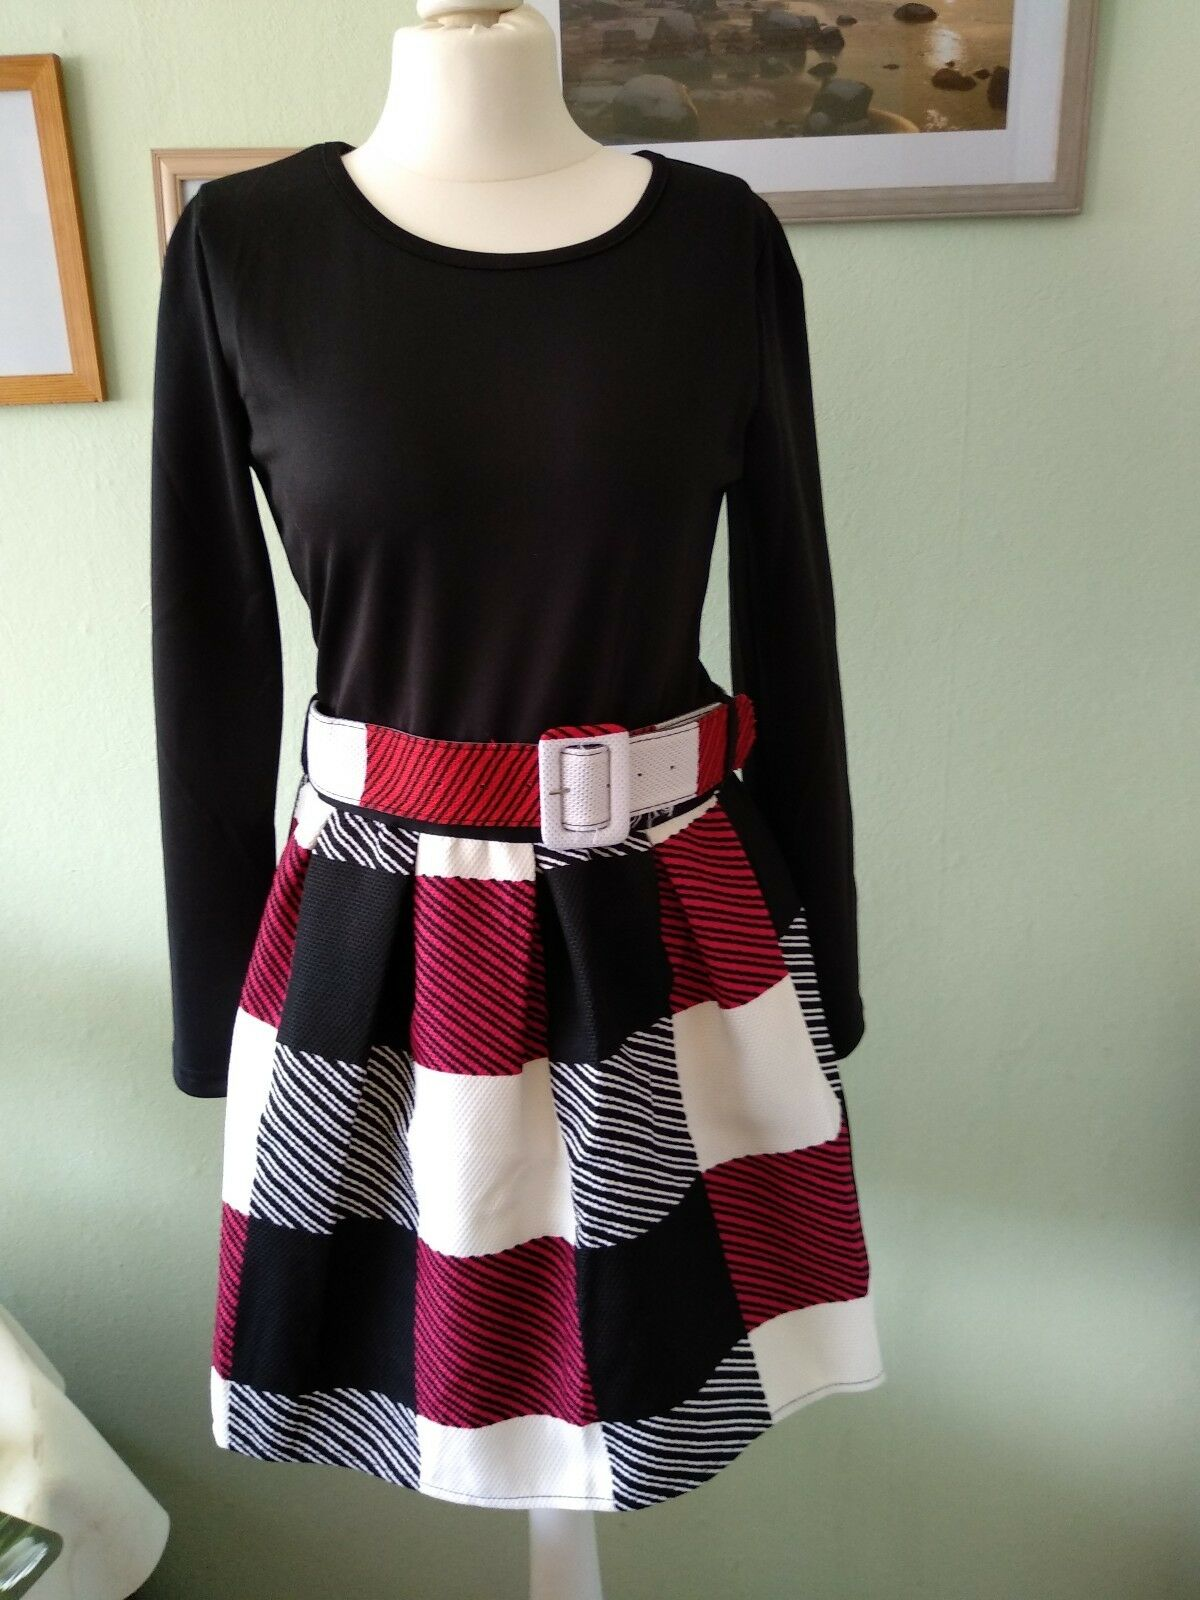 Kleid von Money, Gr. 34, schwarz rot weiß, neu ohne Etikett